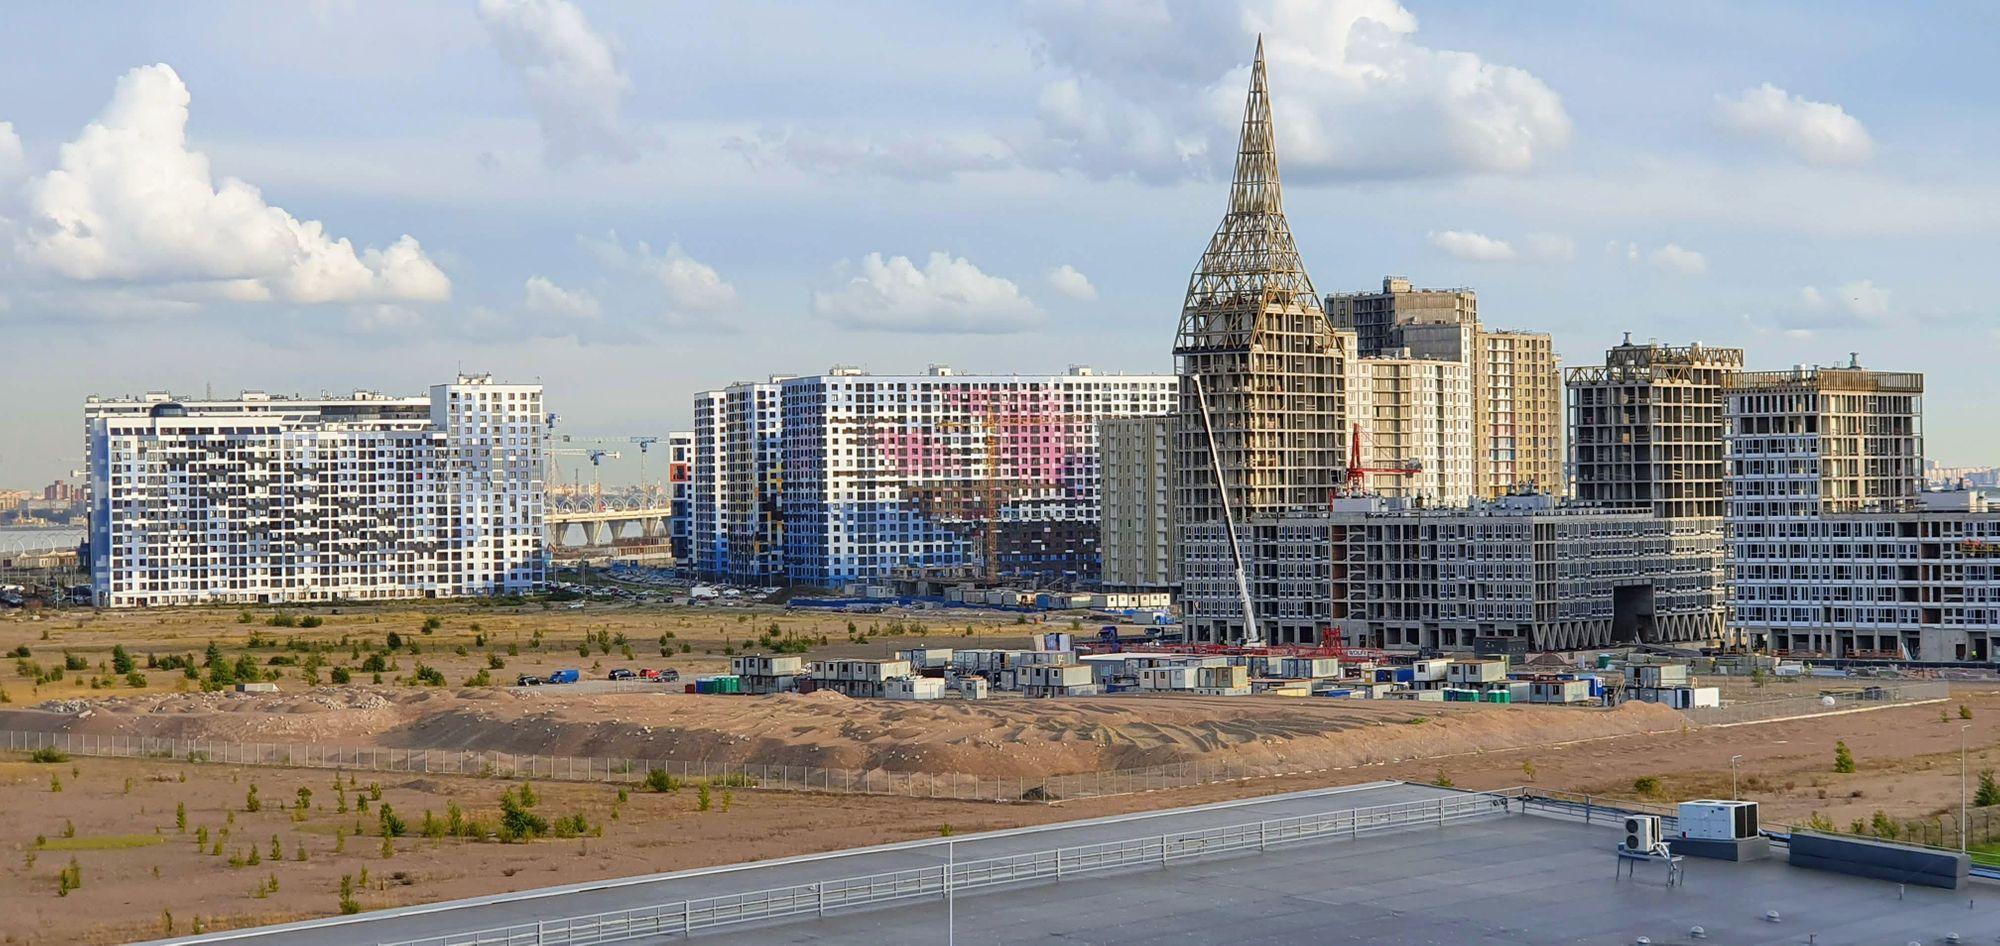 San Petersburgo Moderna, en pleno crecimiento a orillas del Mar Báltico